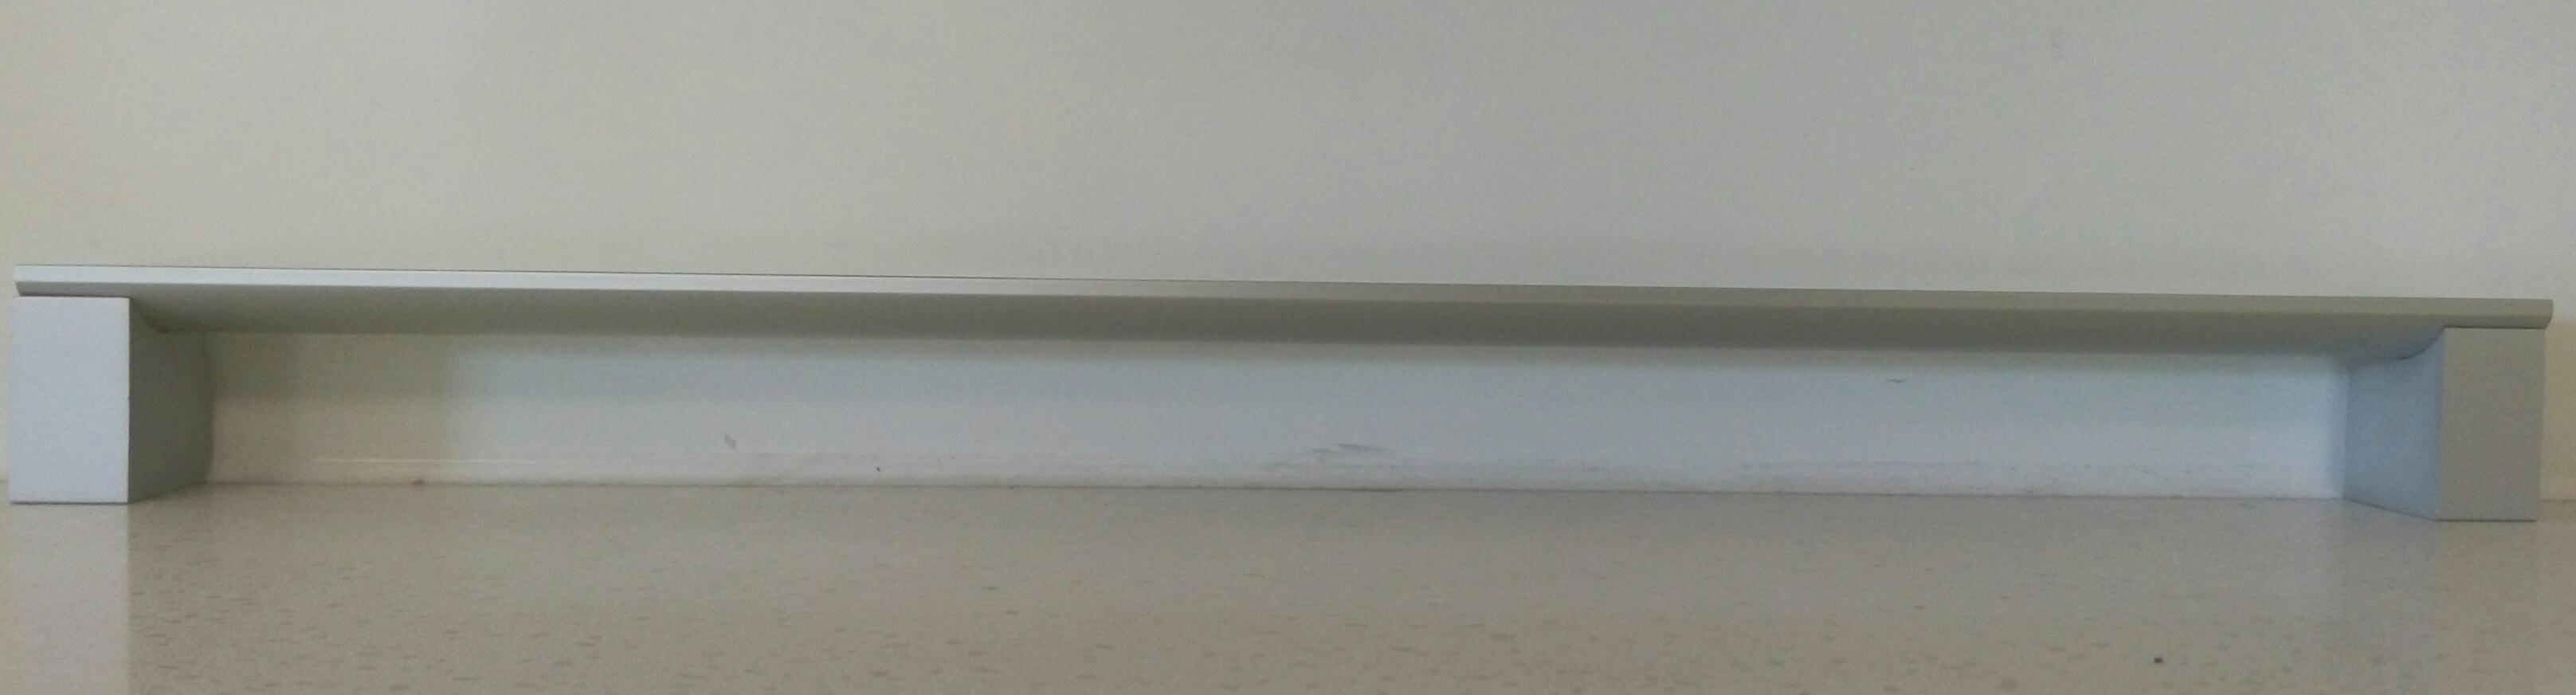 Aluminium Handle UA-BO-337320 for cabinets